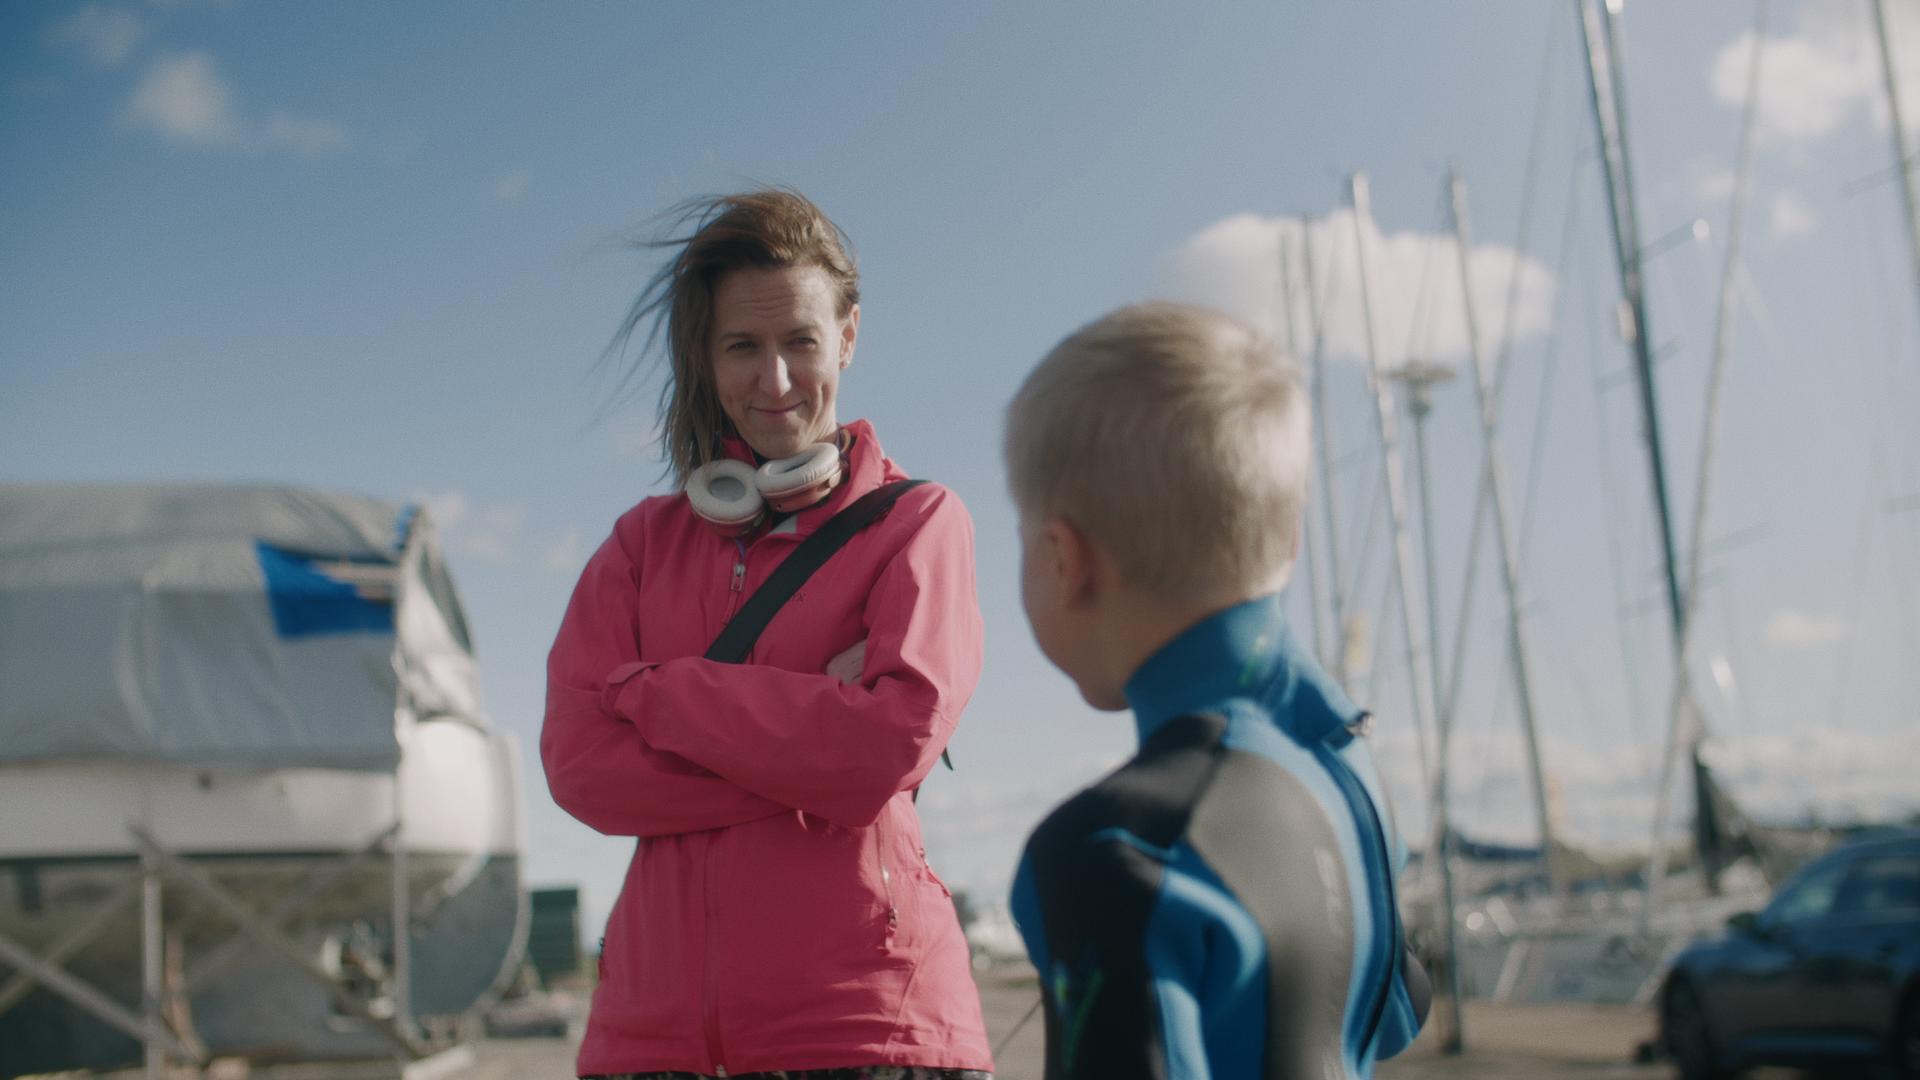 Äiti katsoo poikaa rannalla